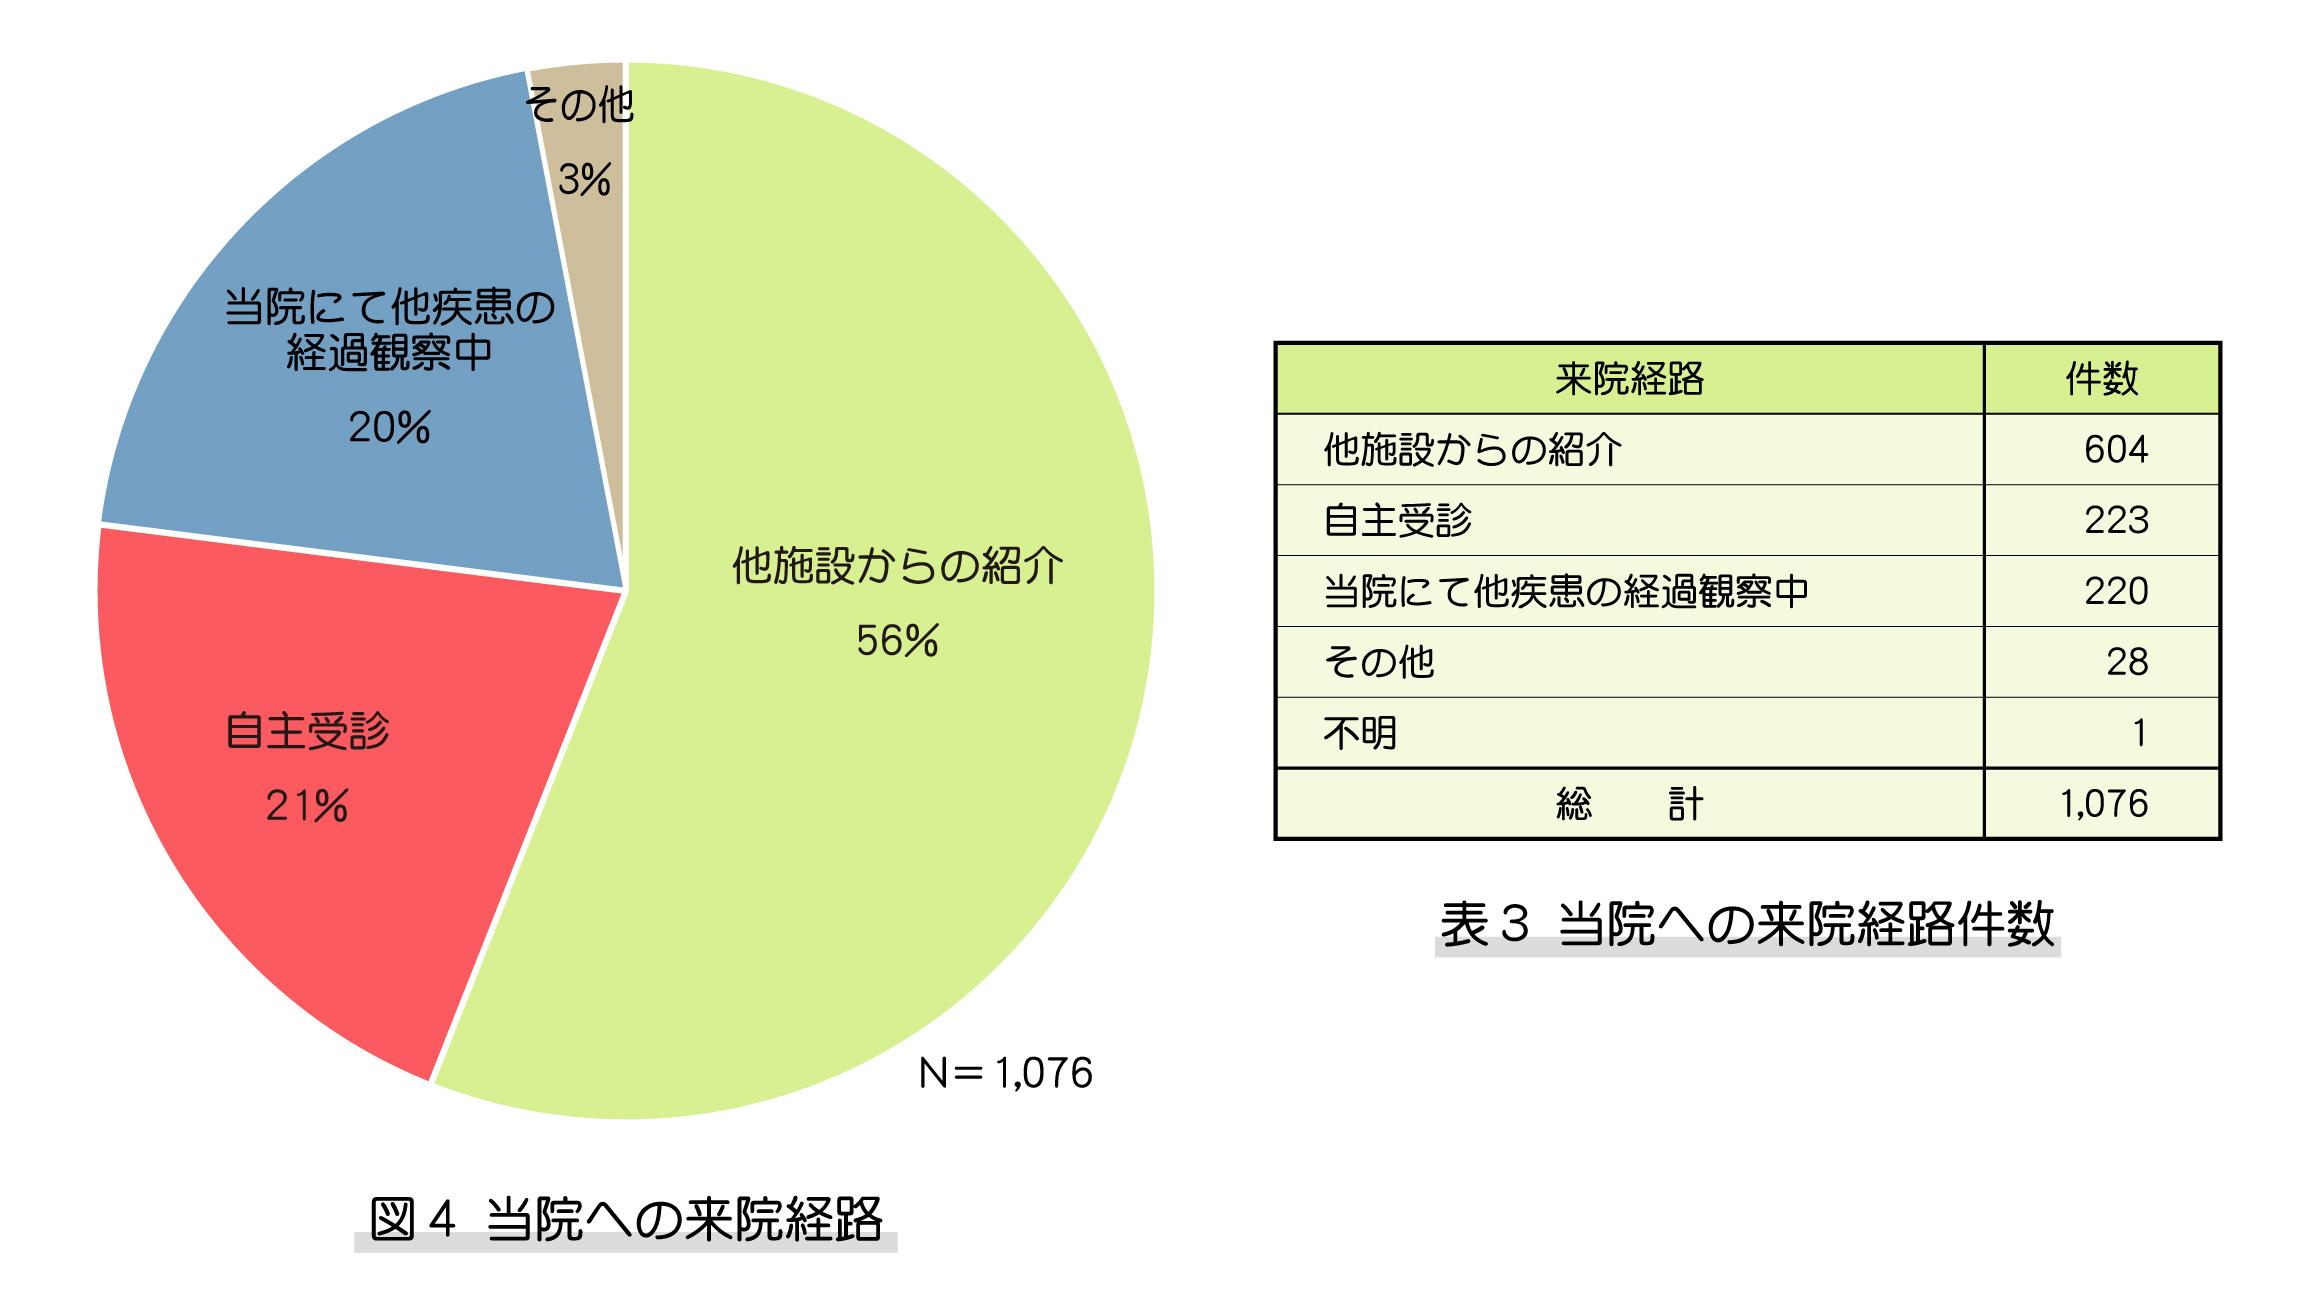 図4、表3